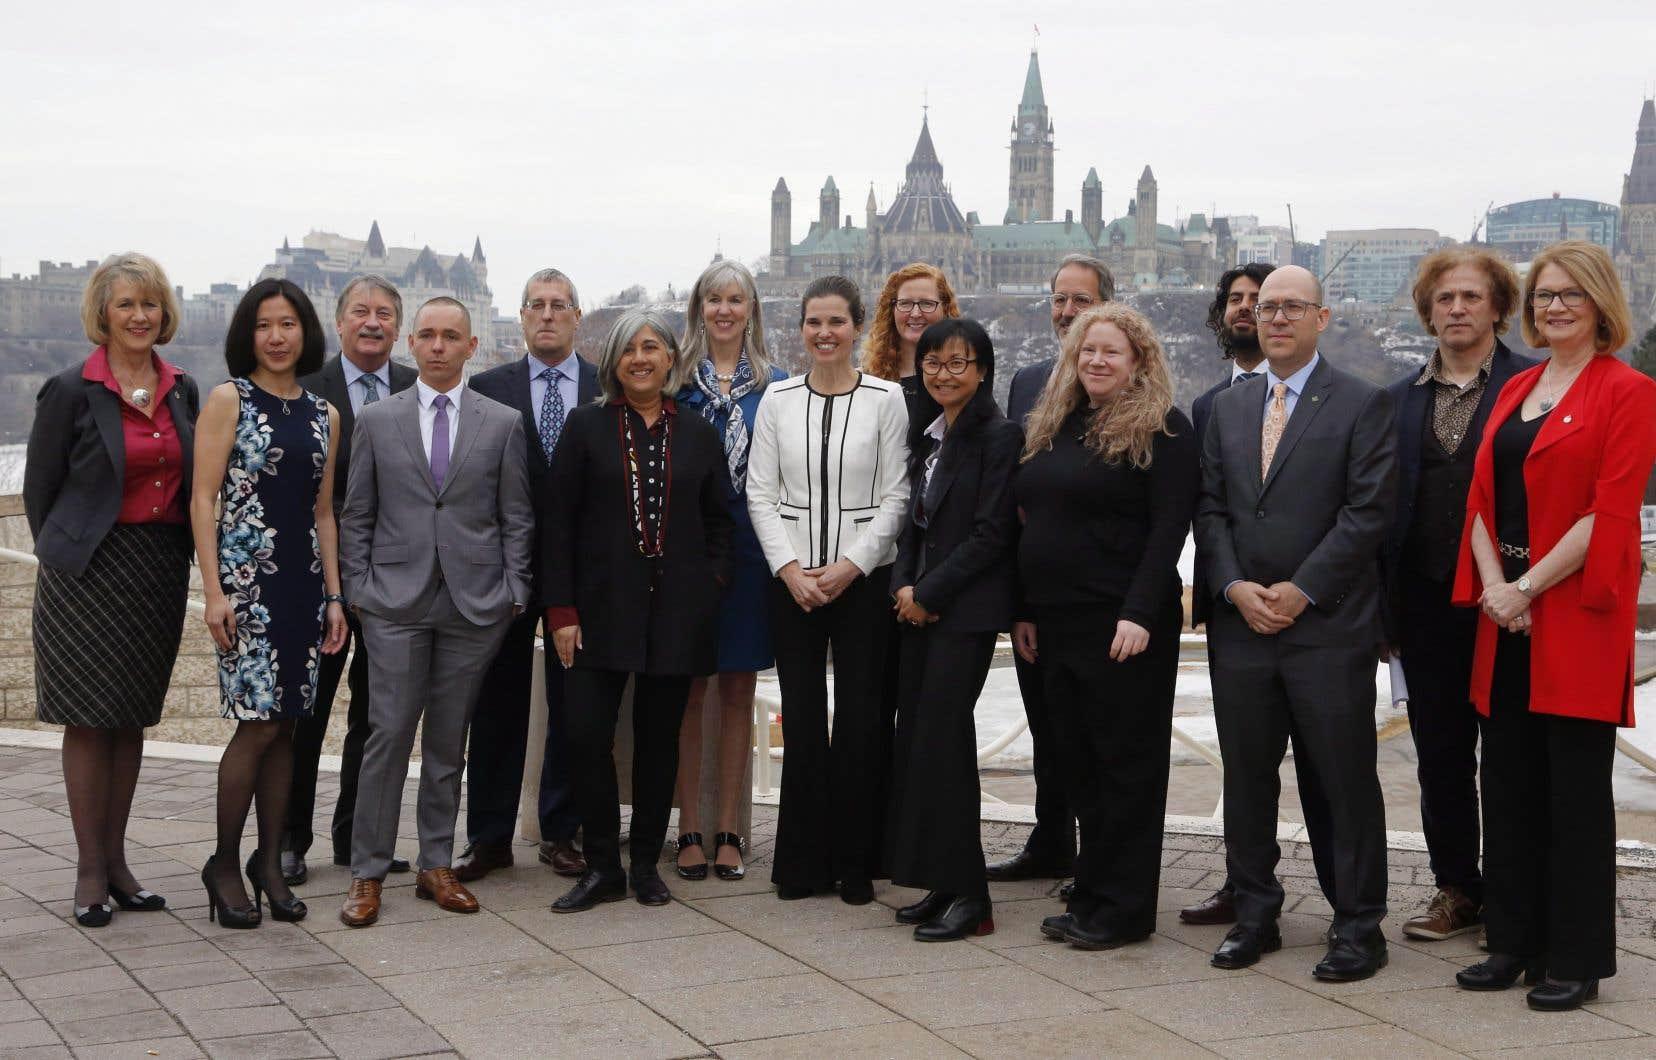 La ministre des Sciences Kirsty Duncan, entourée de sommités. Dans le but d'attirer des chercheurs de haut niveau, le gouvernement du Canada avait prévu dans son budget 2017 un investissement de 117,6 millions de dollars pour un programme de chaires de recherche.